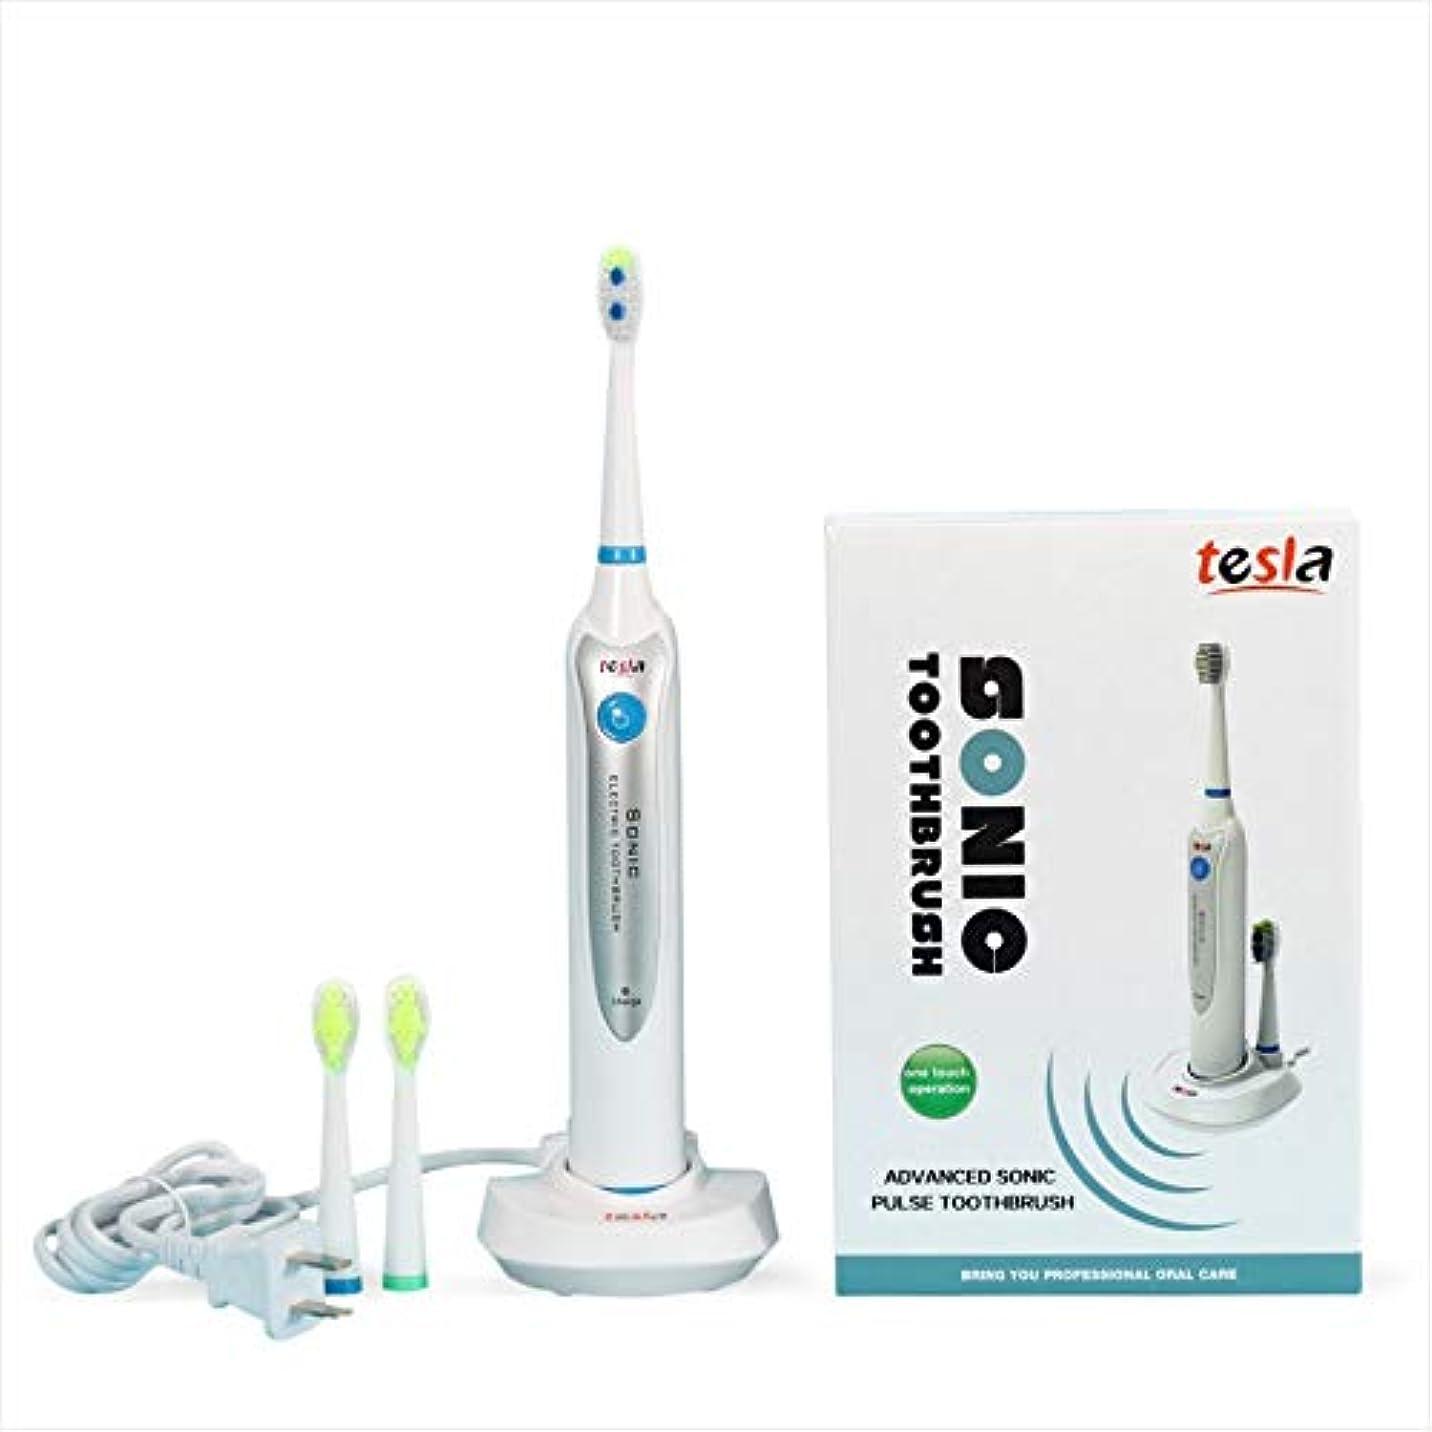 または組世界の窓ソニック電動歯ブラシバッテリー電子歯ブラシFDAガムケア衛生歯科用回転歯ブラシヘッド子供大人